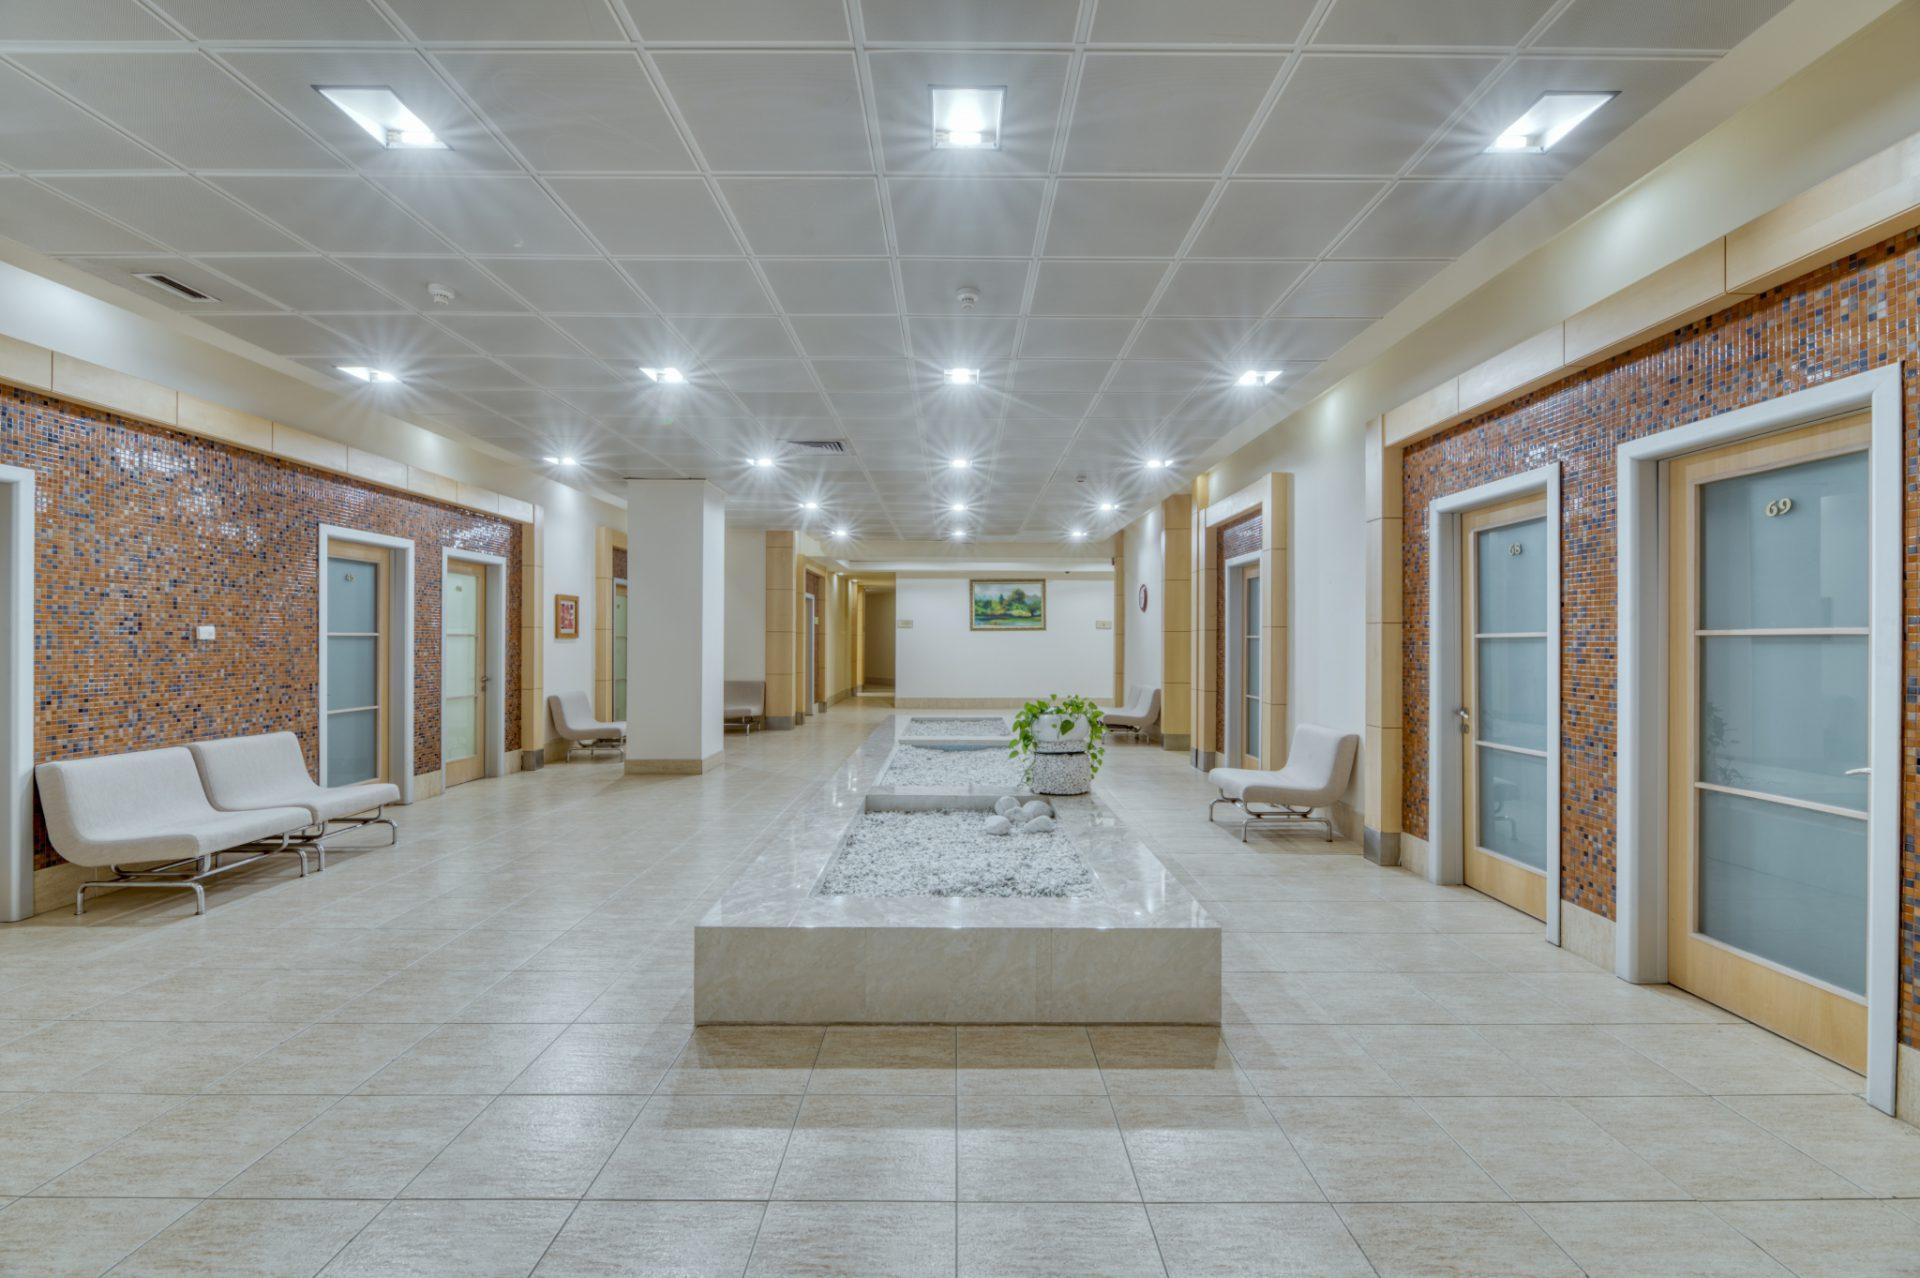 Медицинский центр, отель Риксос, Украина